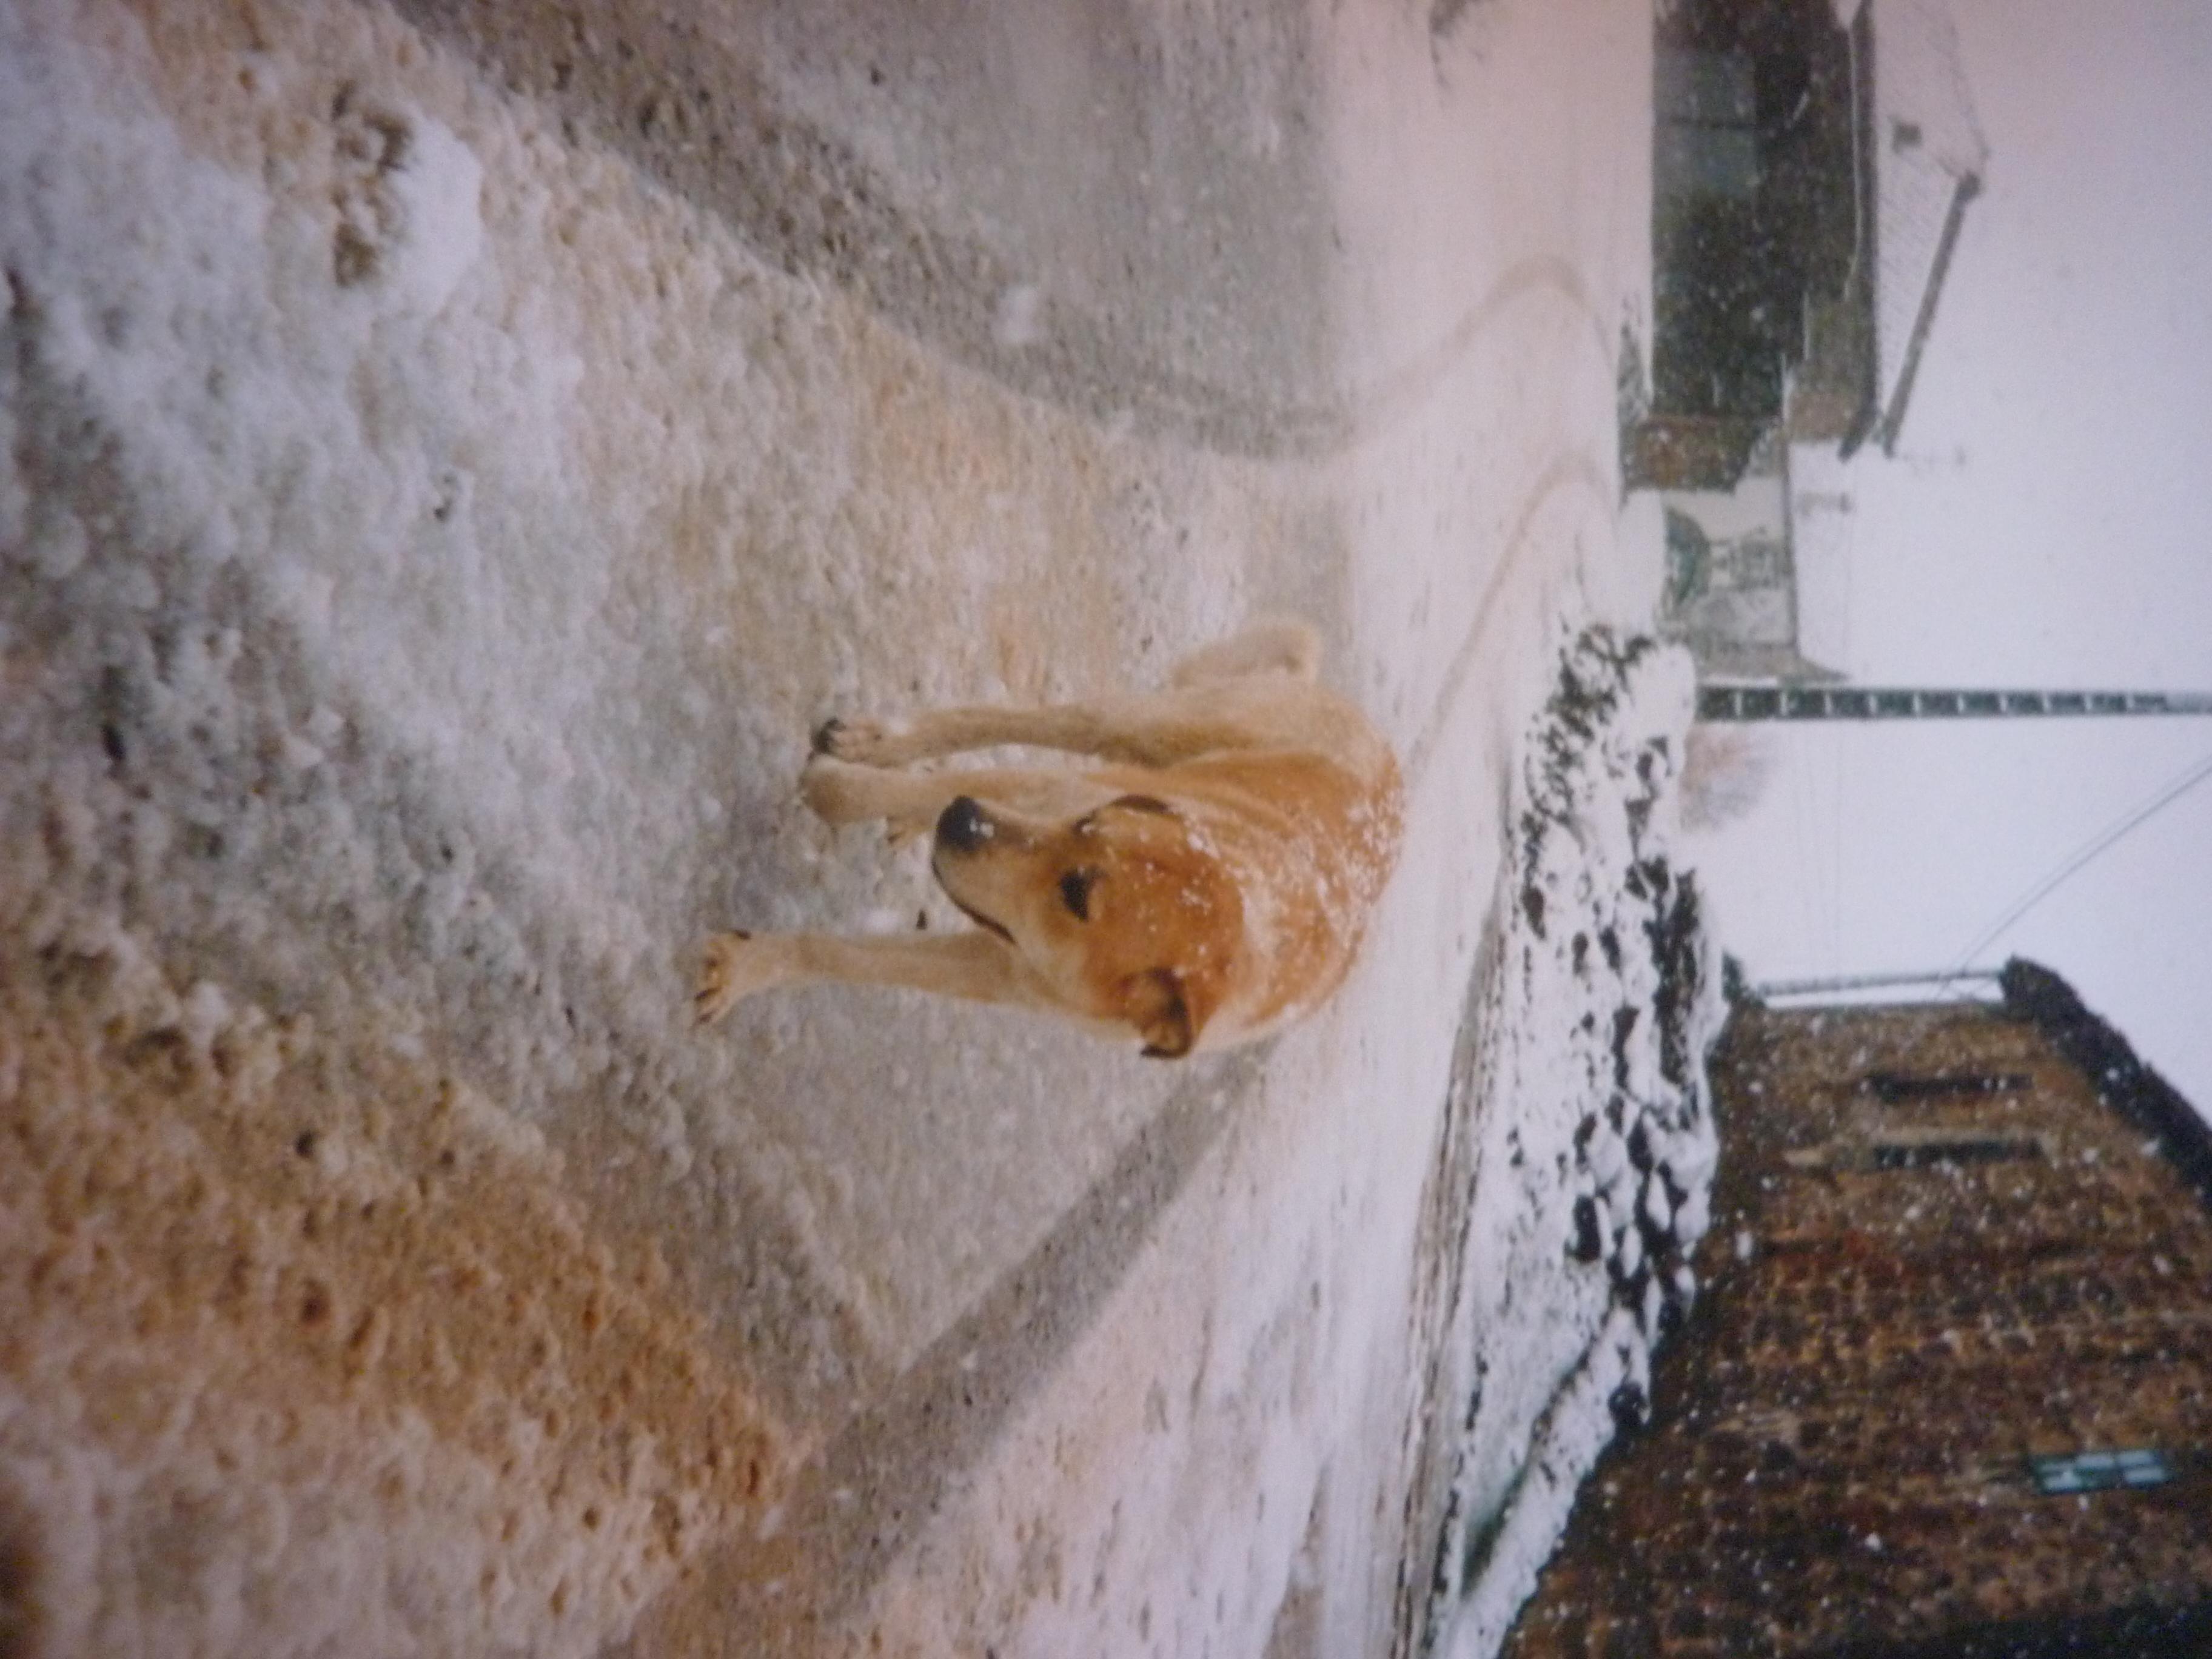 https://navamuel.es/images/Animales/Perro.jpg